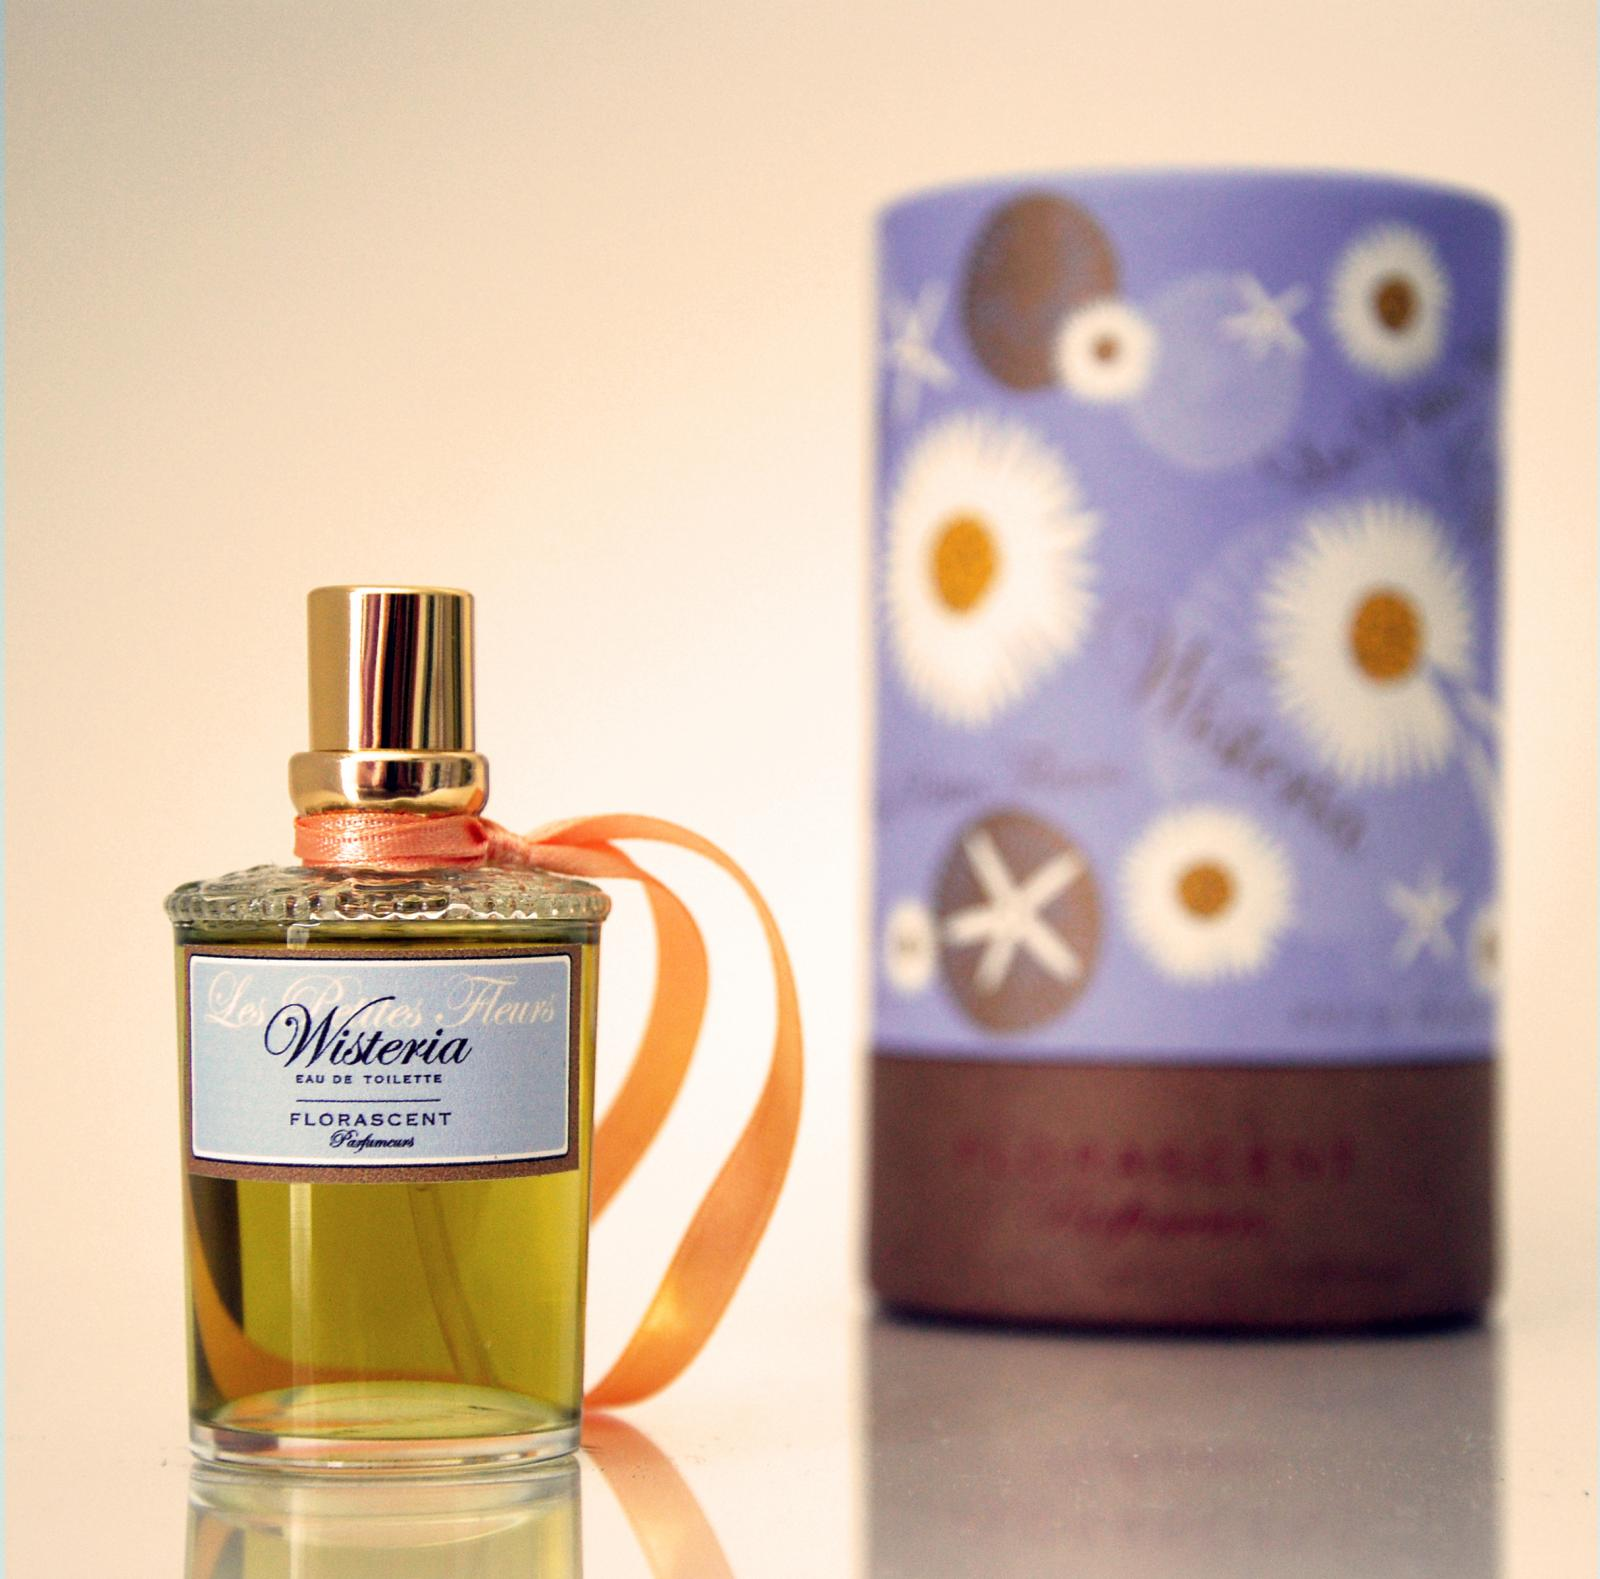 Florascent Toaletní voda Wisteria, Les Petites Fleurs 22,5 ml